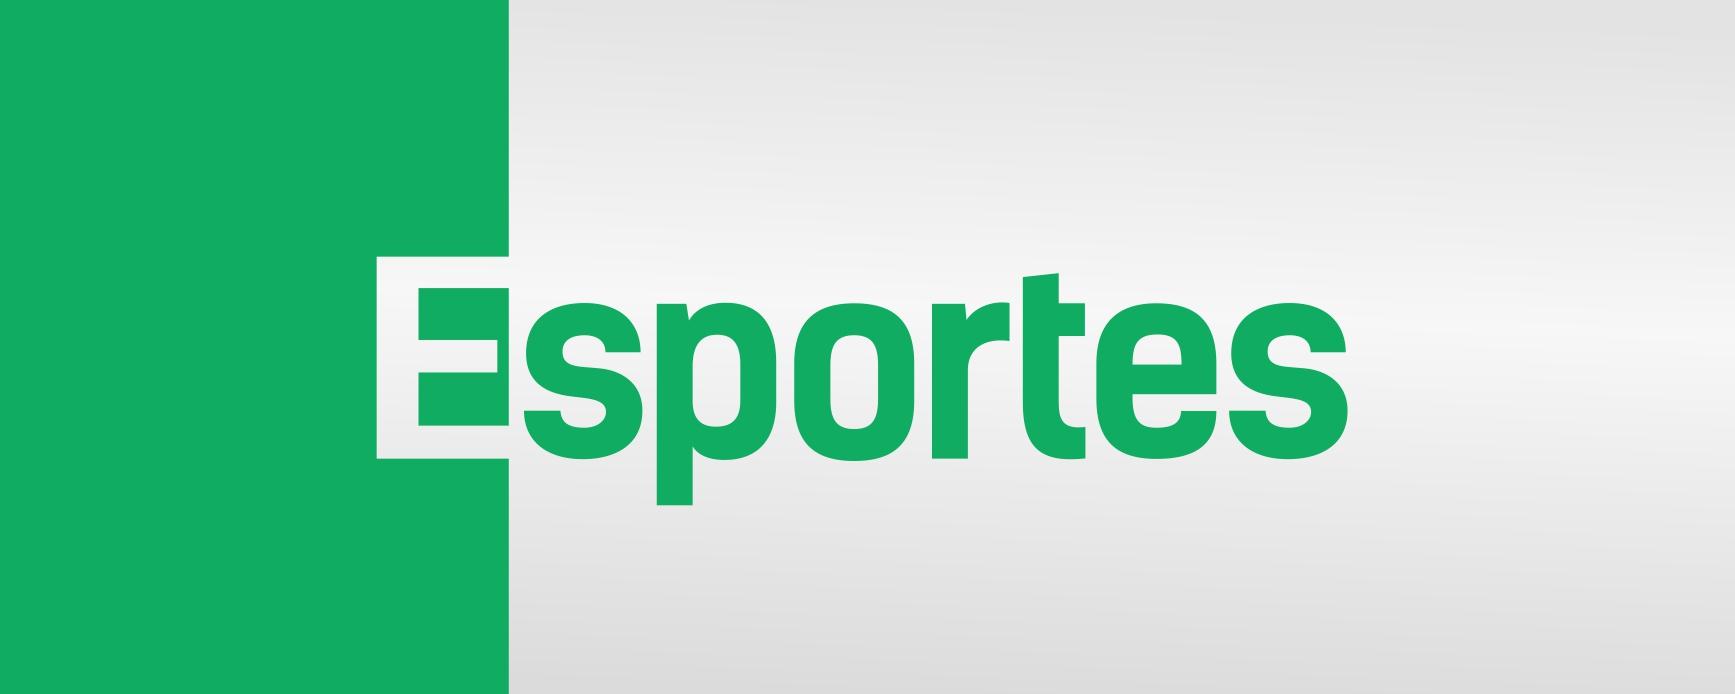 Banner Esportes